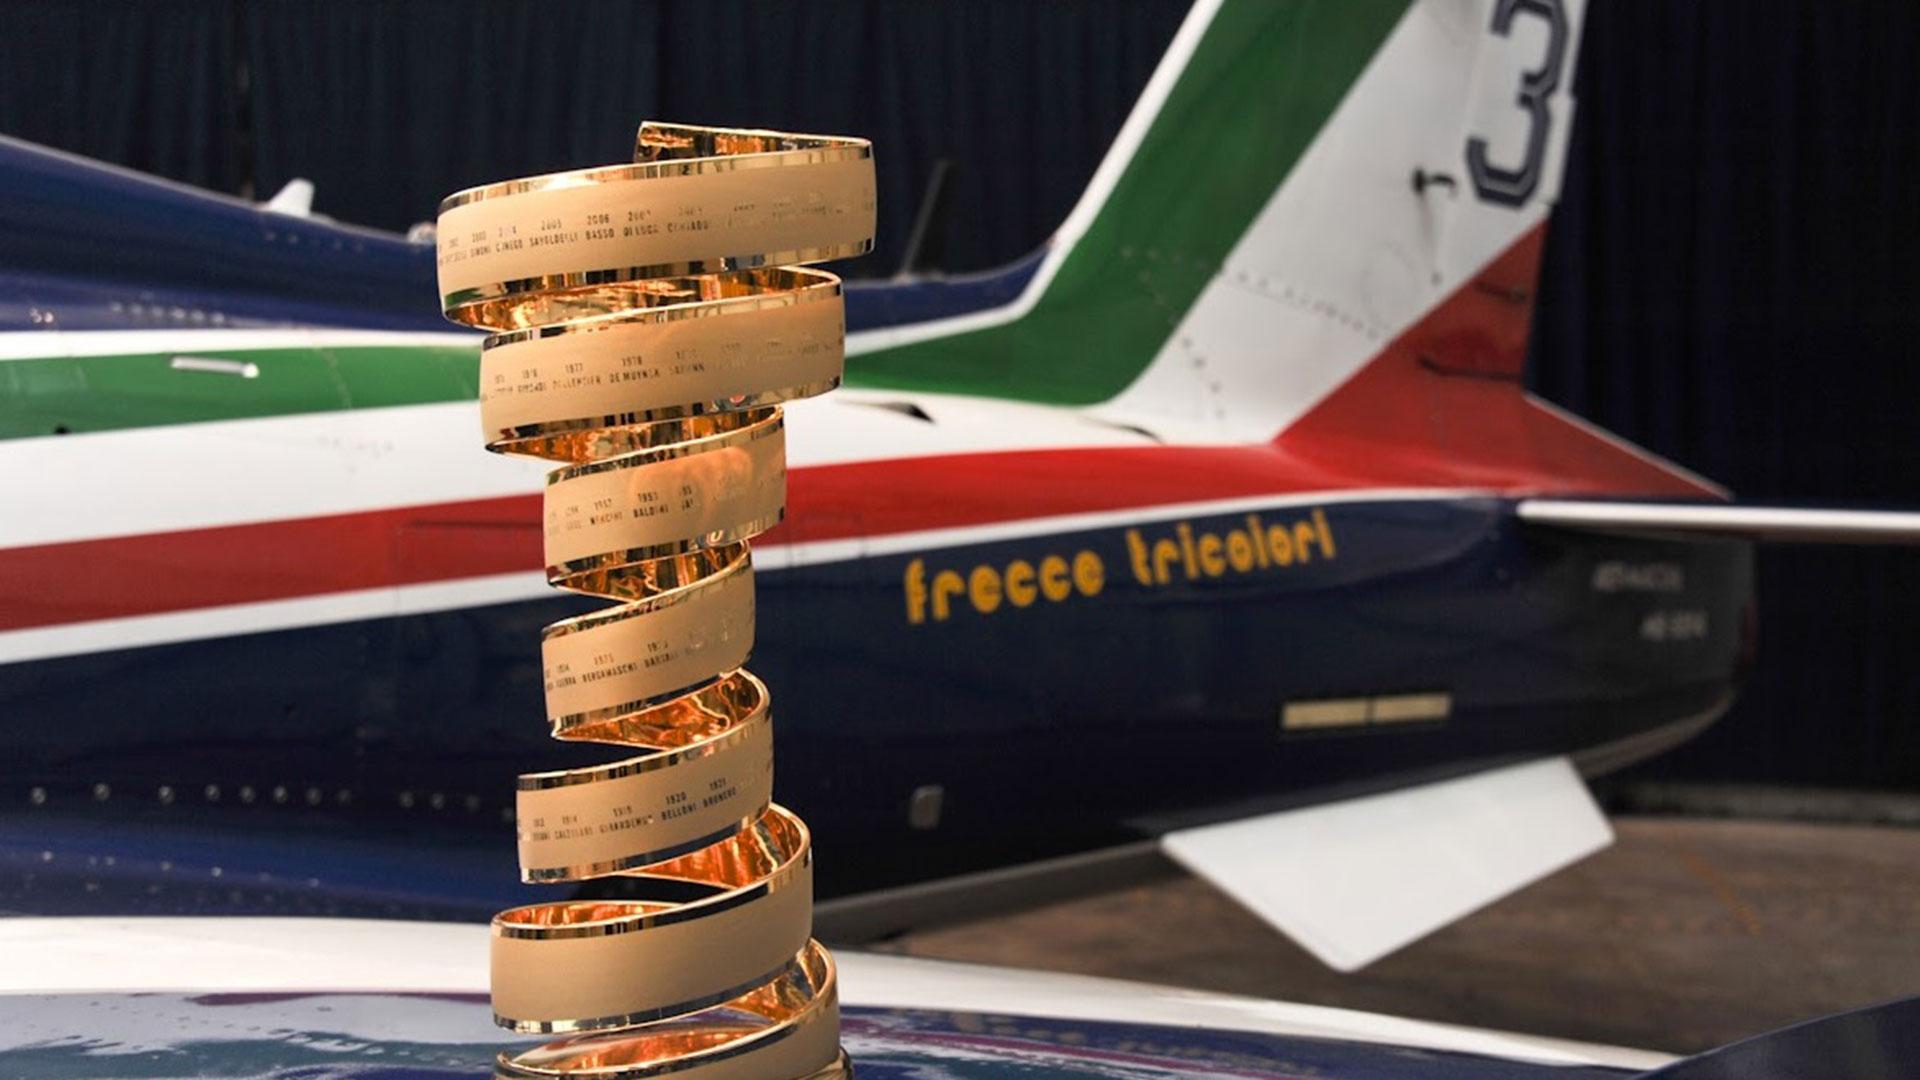 frecce-tricolori-60-anni-pan-pattuglia-acrobatica-nazionale-aeronautica-militare-(10)